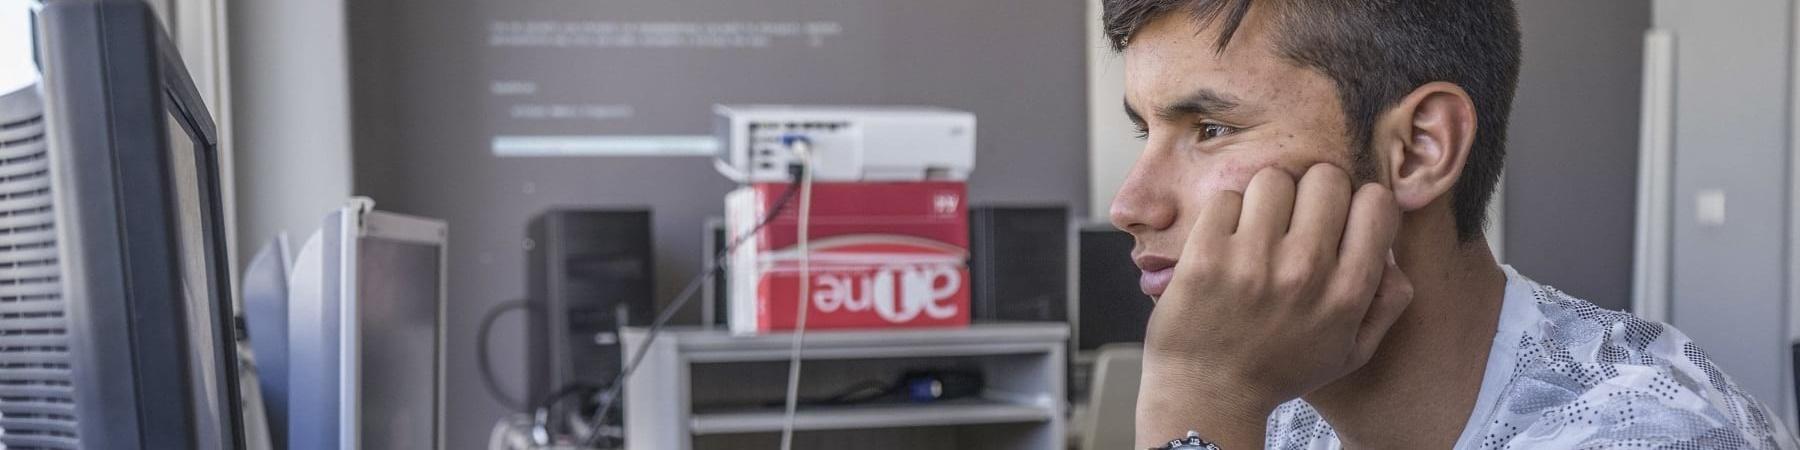 Adolescente sta seduto davanti al computer